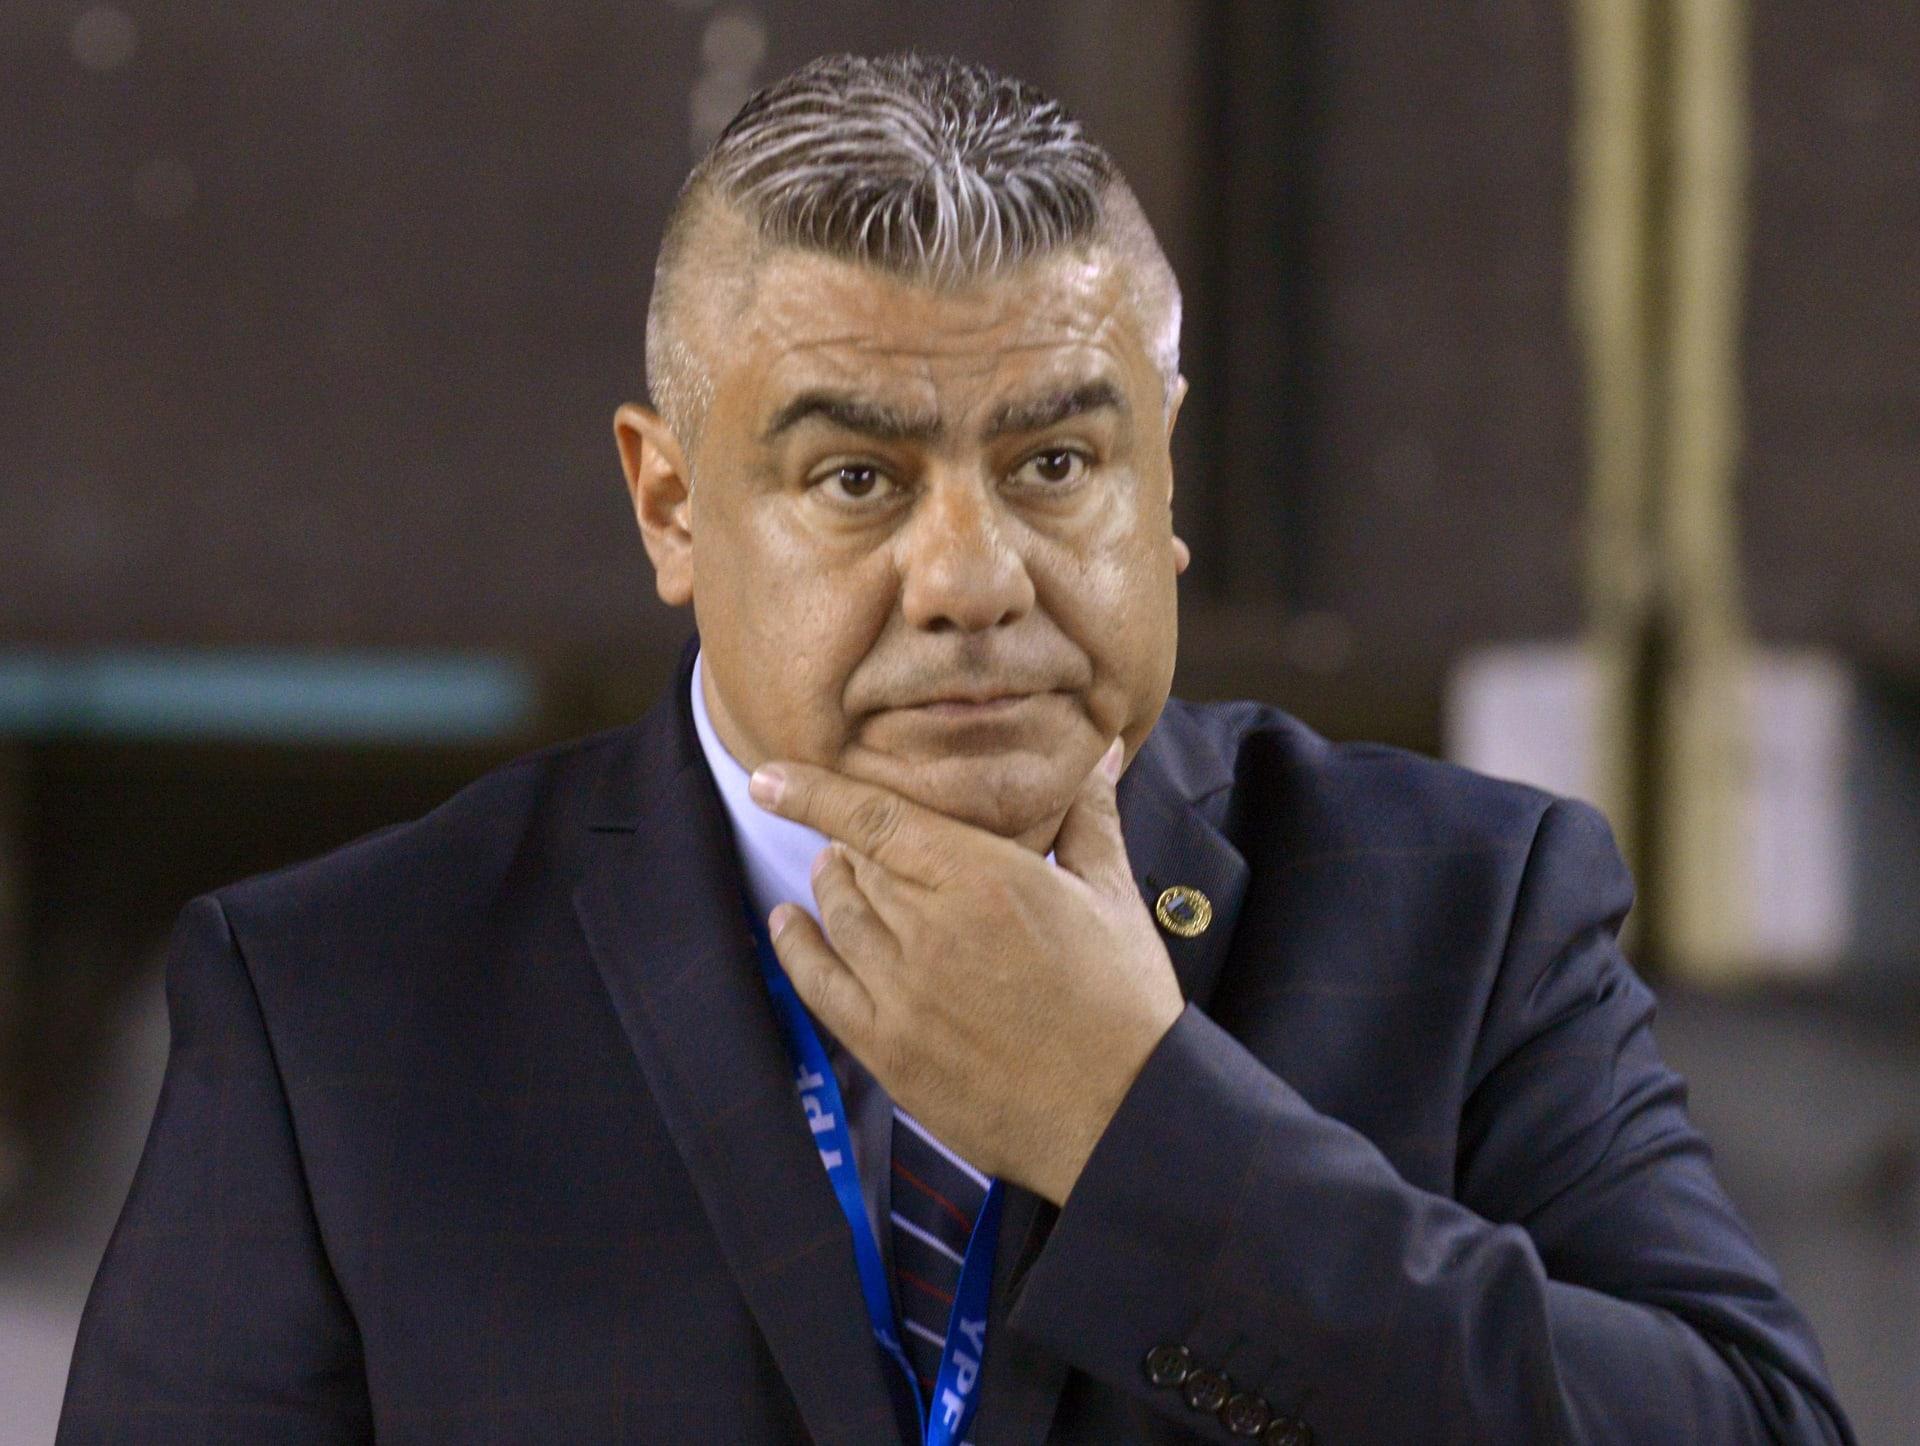 رئيس اتحاد الأرجنتين يكشف سبب إلغاء ودية القدس.. ويعتذر لإسرائيل